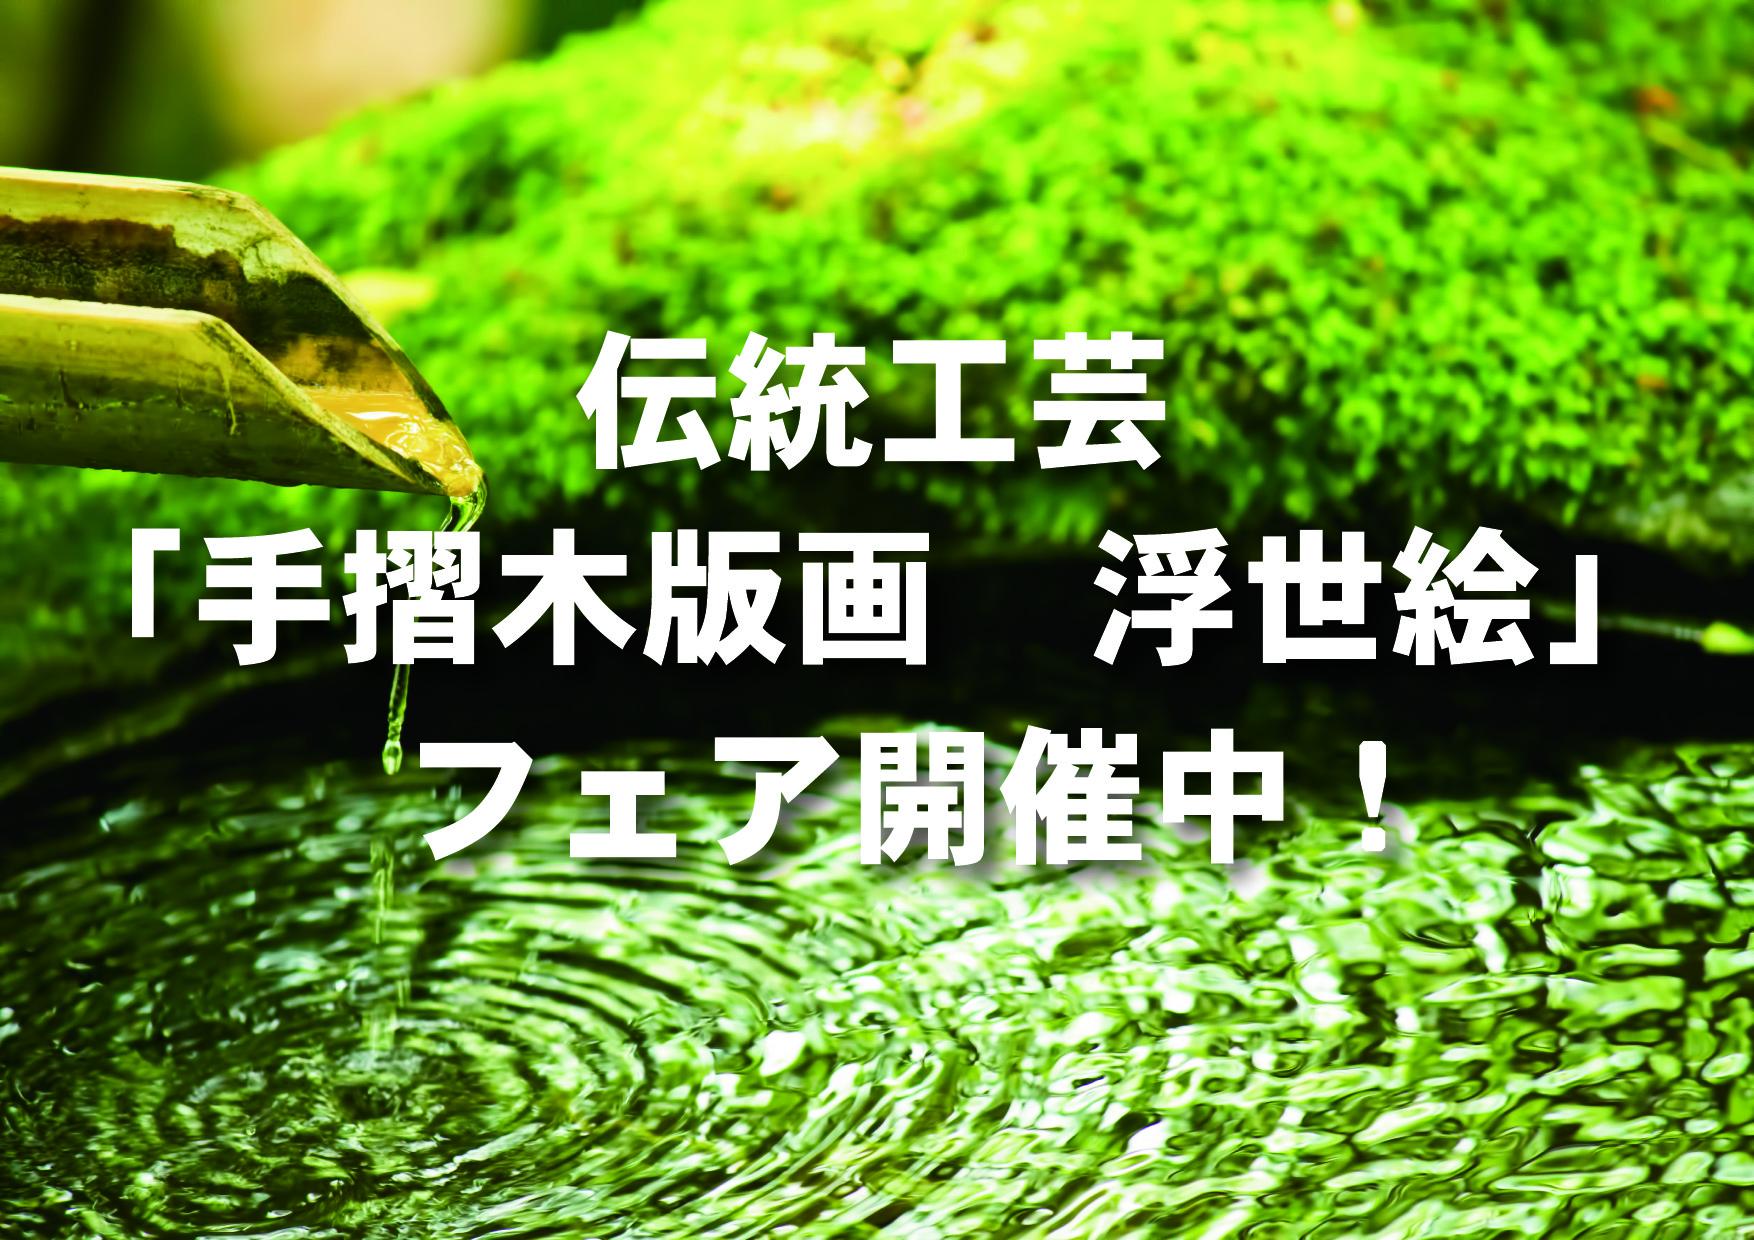 紀伊國屋書店:伝統工芸「手摺木版画 浮世絵フェア」開催中!